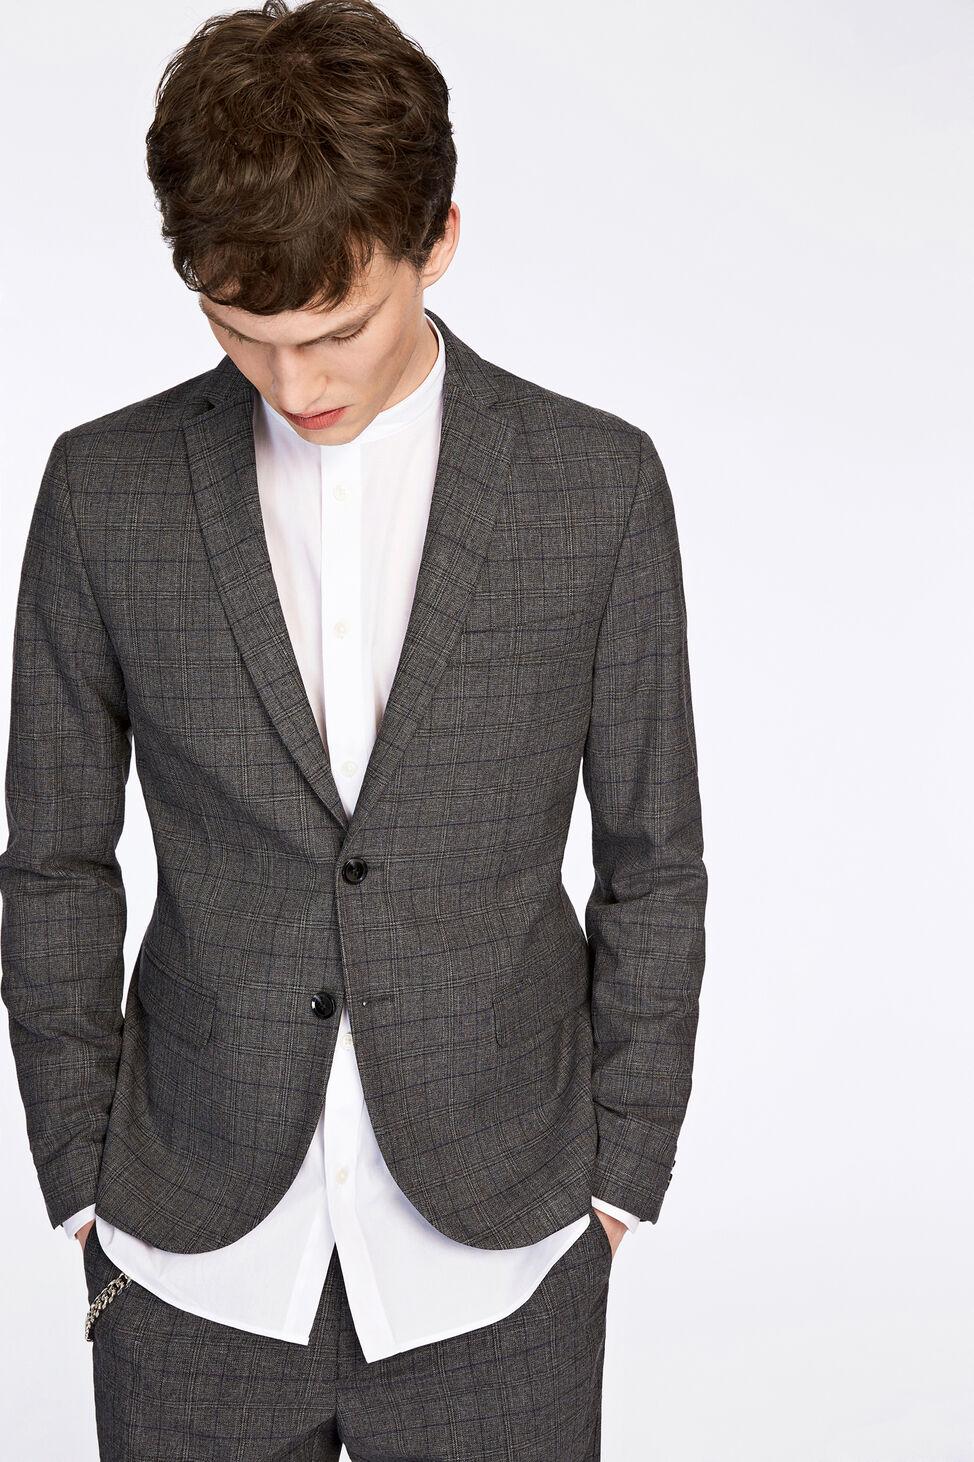 Suit #4